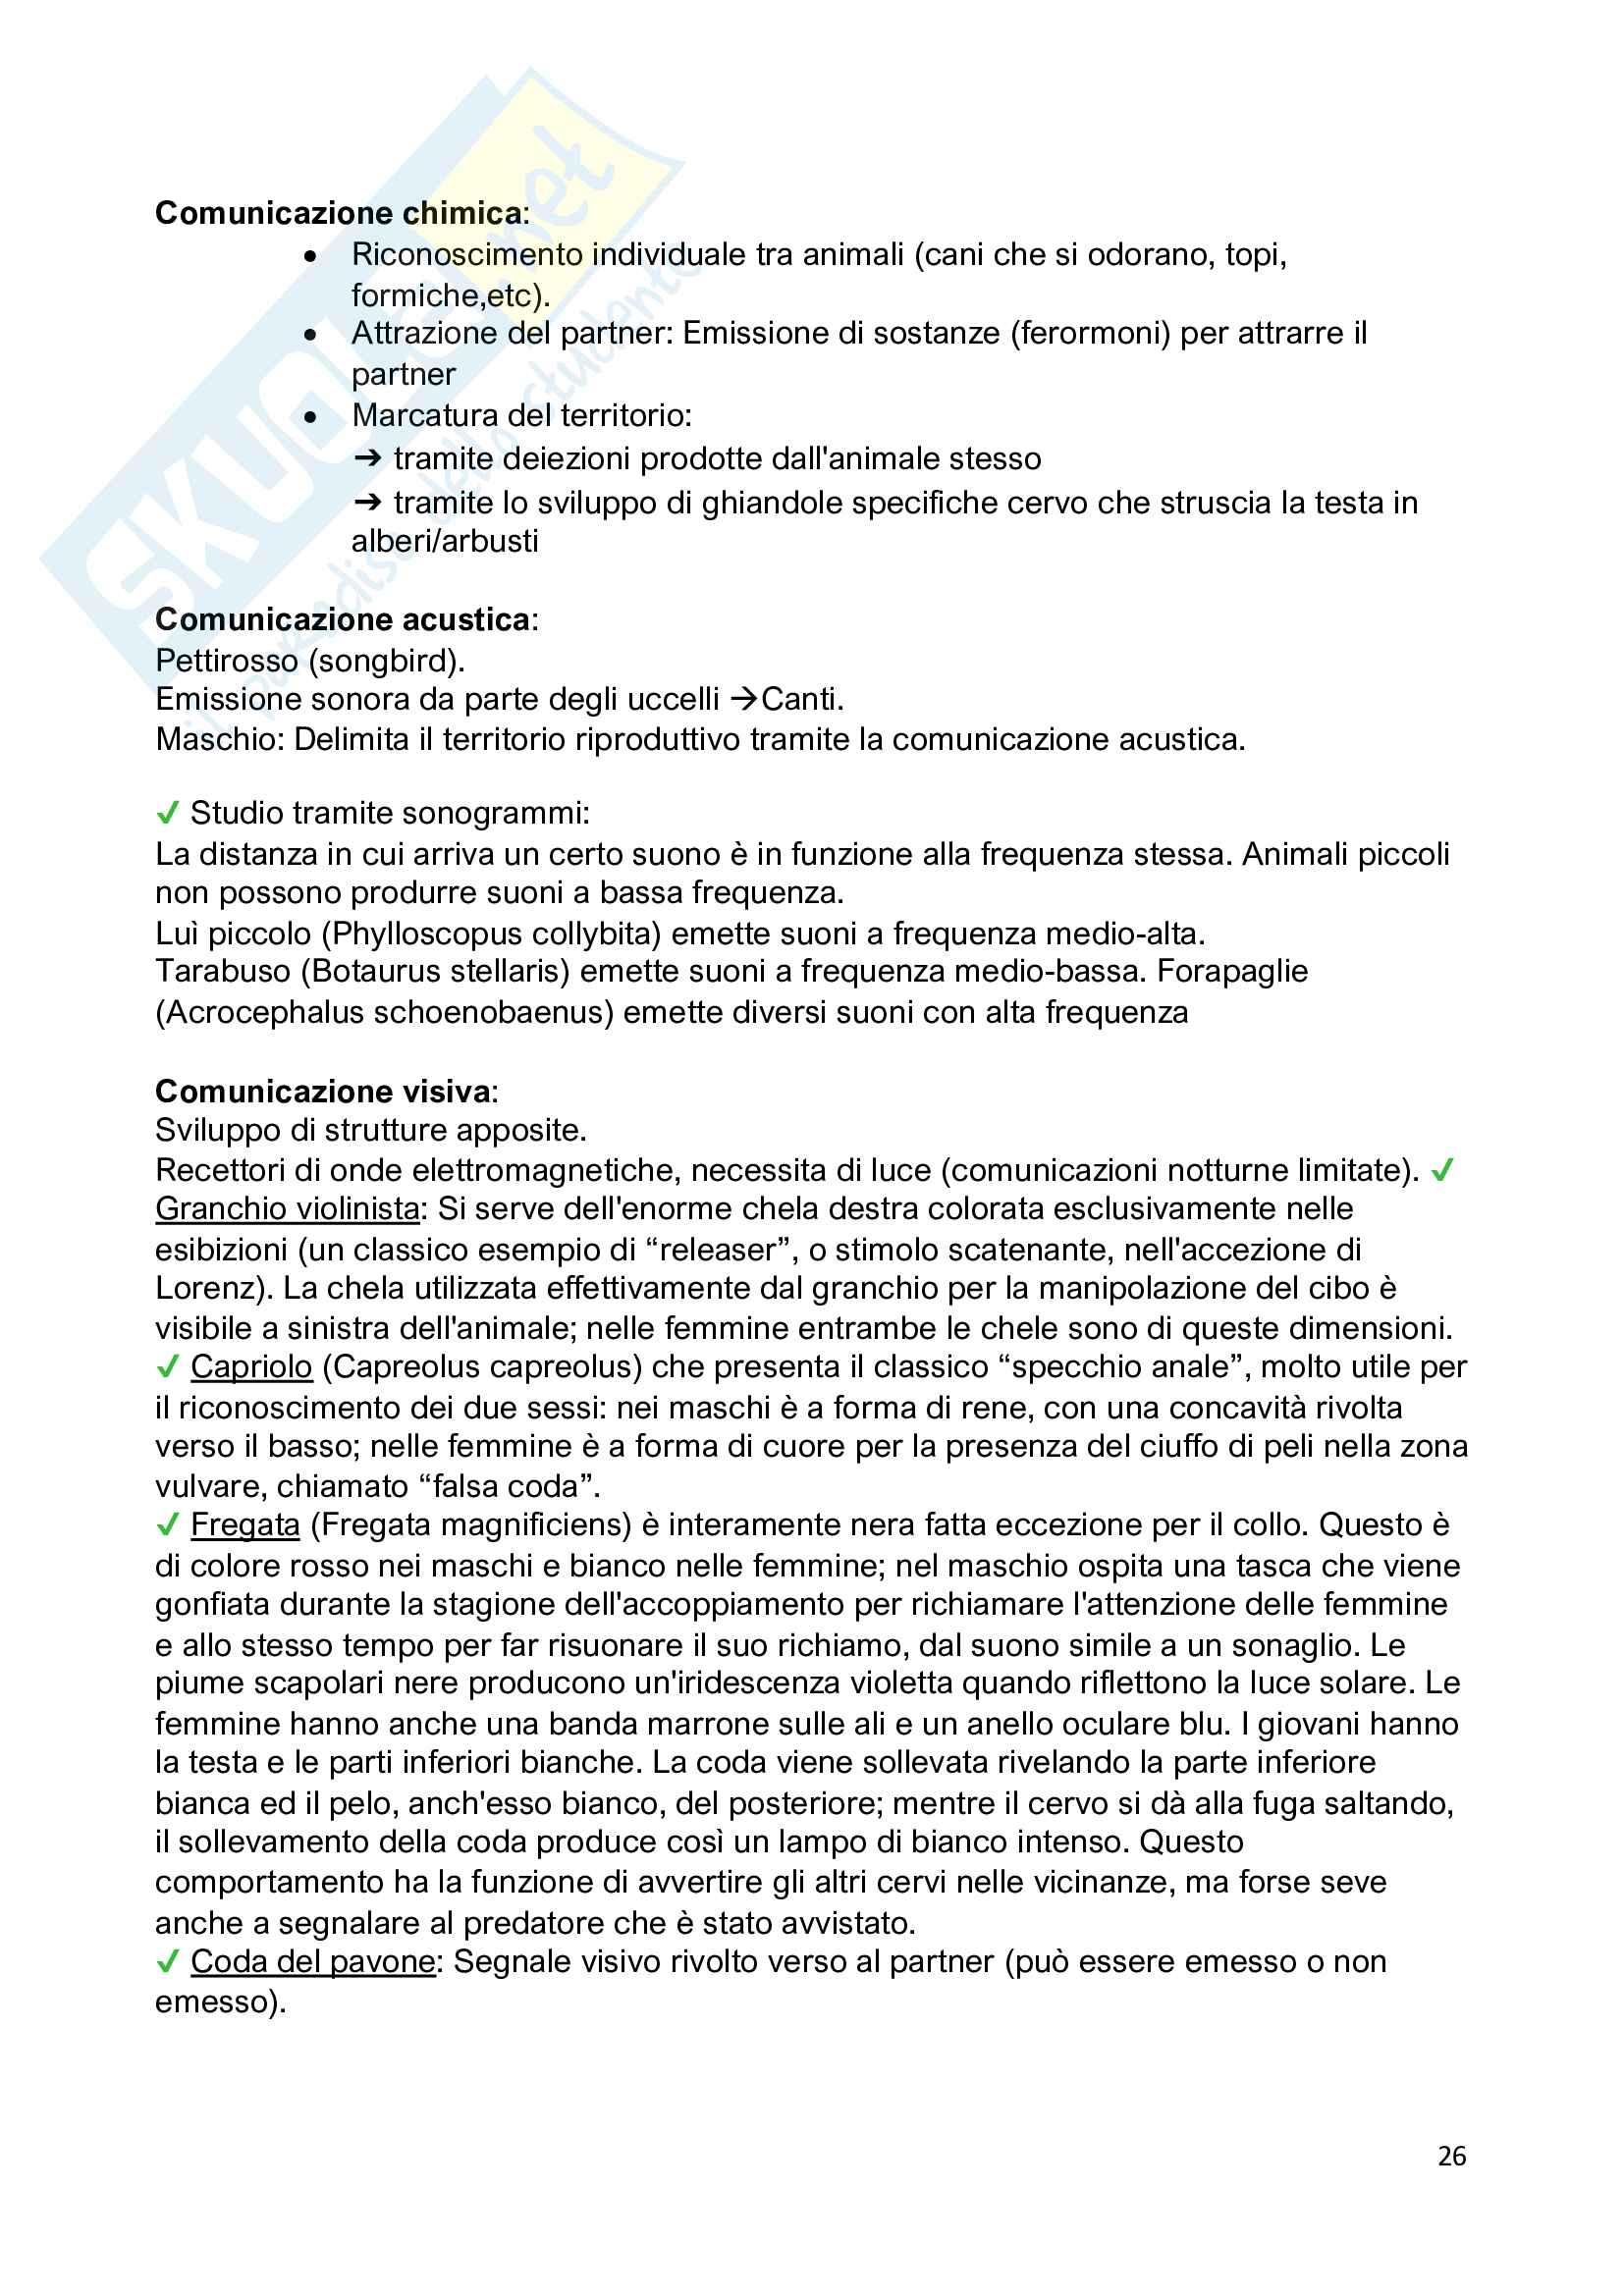 Etologia - studio sul comportamento animale Pag. 26